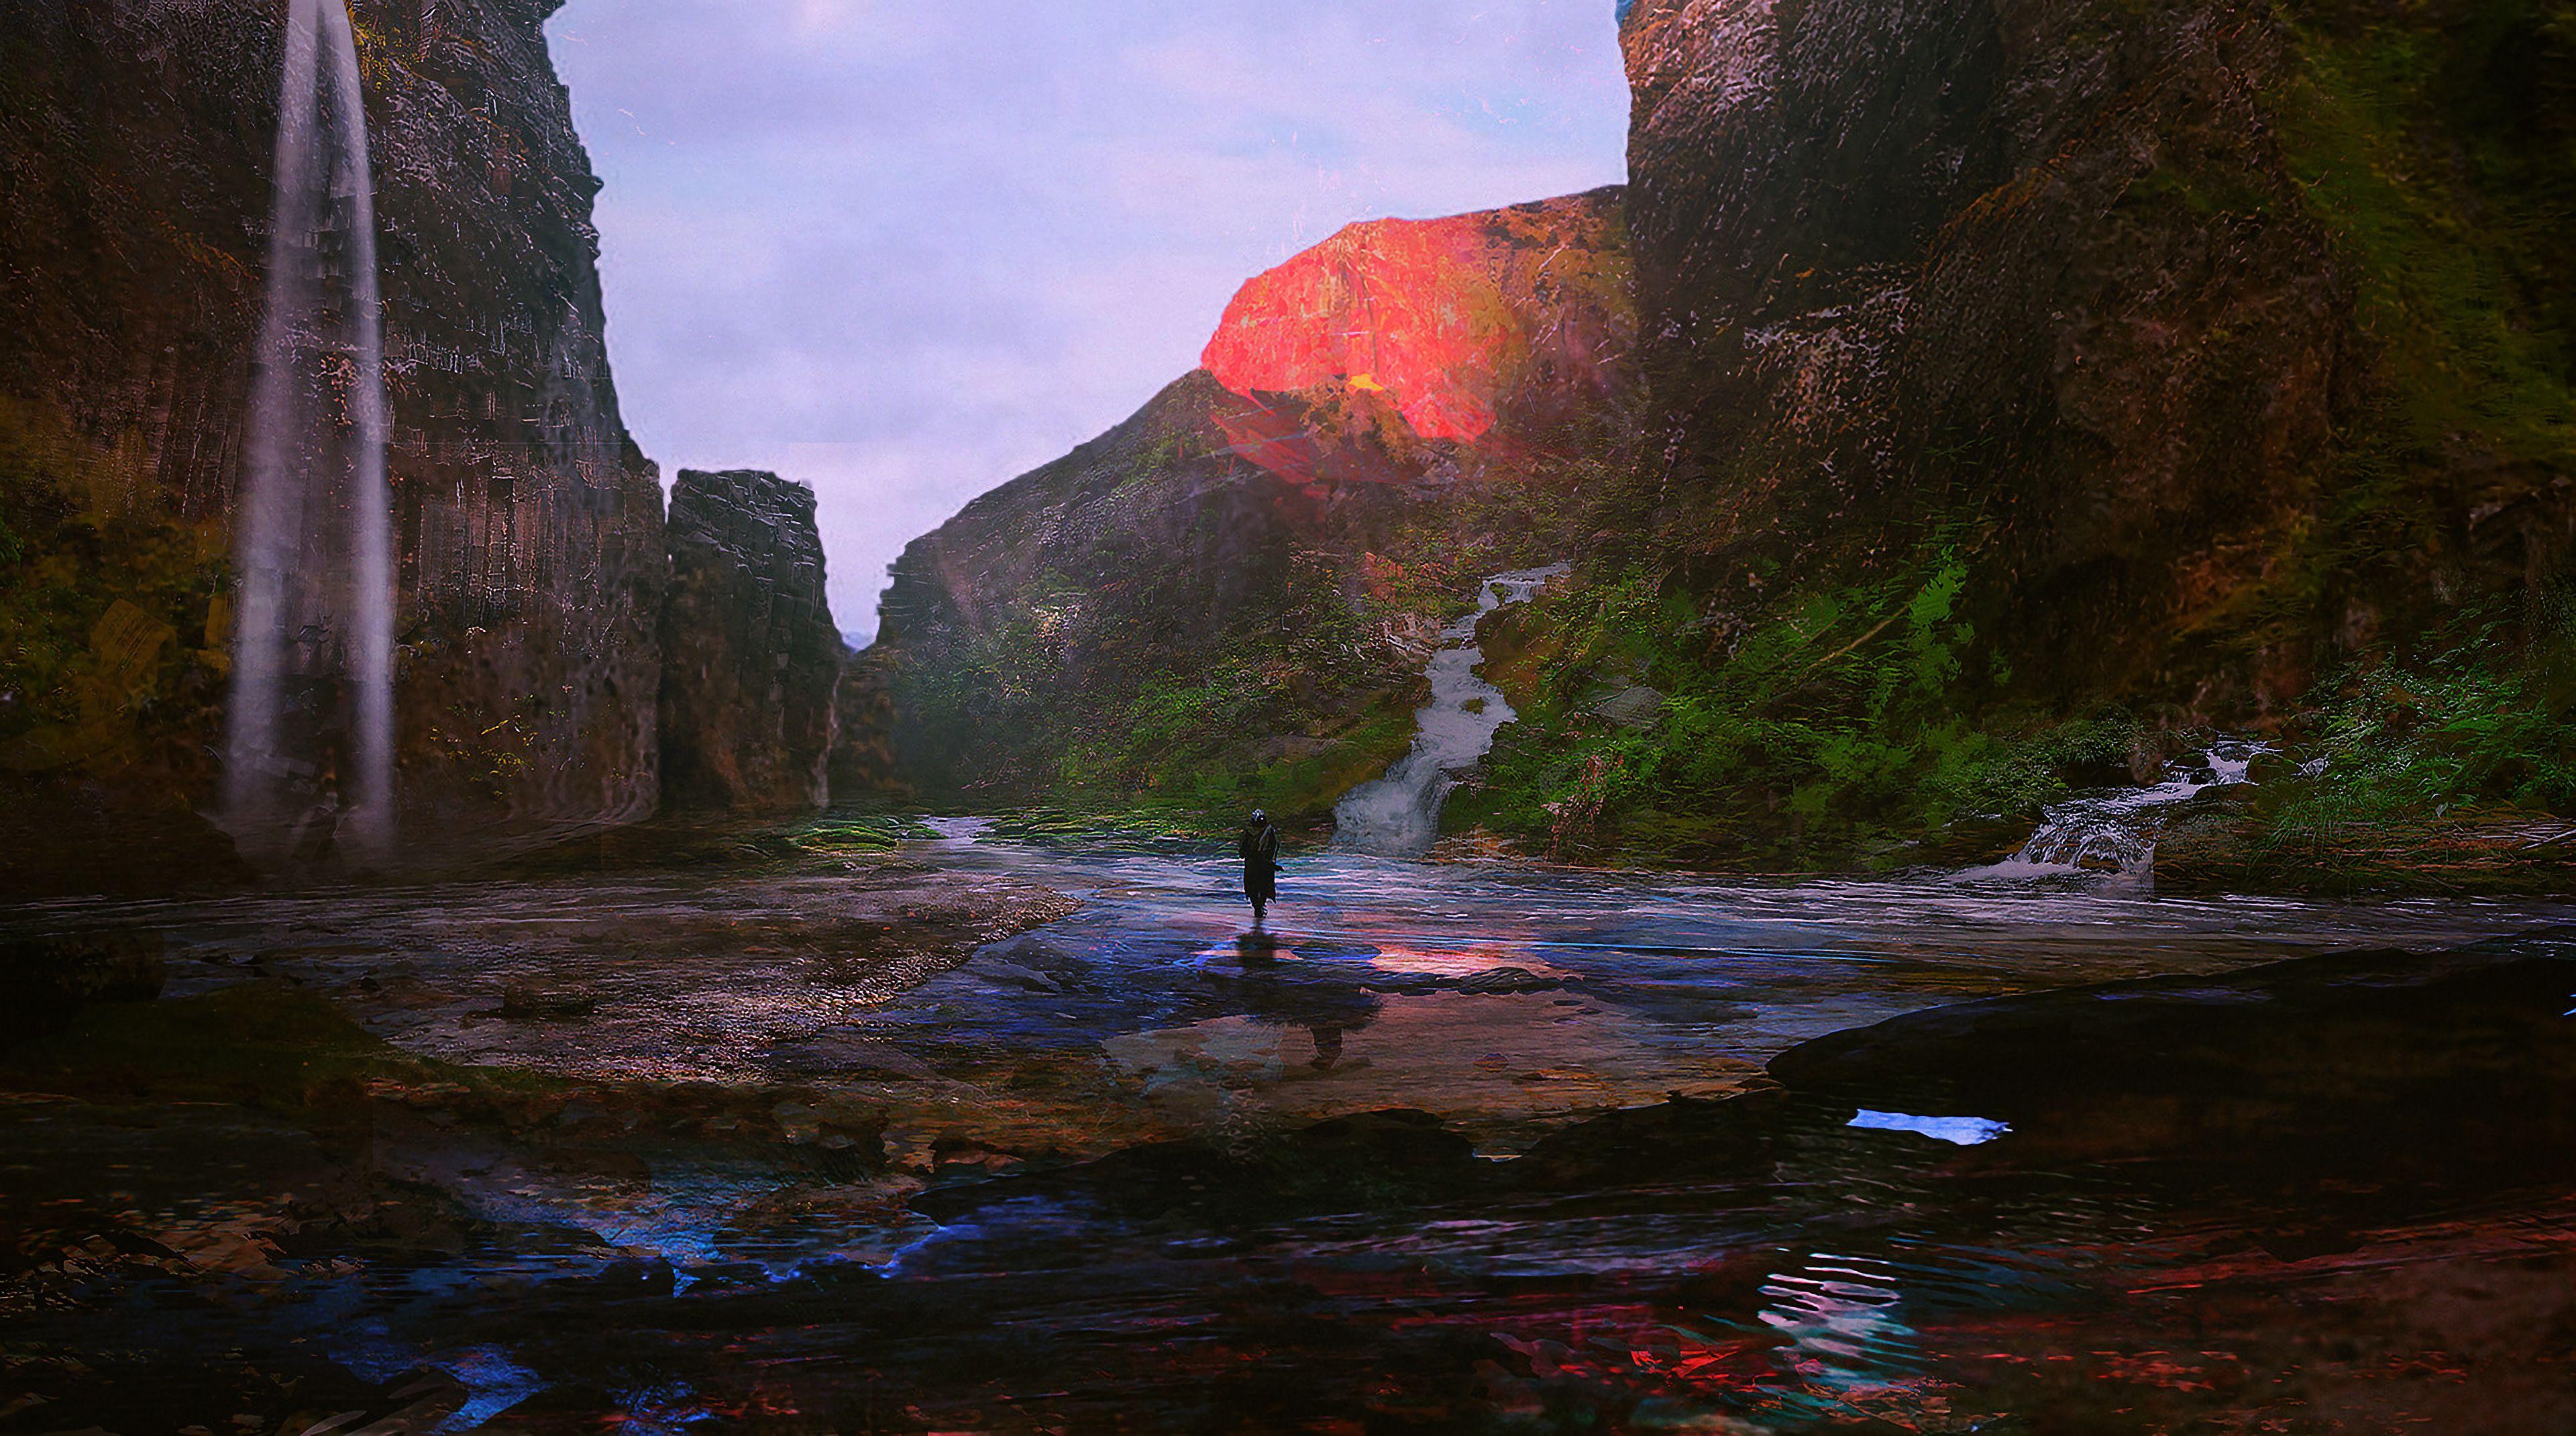 85578 Hintergrundbild 720x1280 kostenlos auf deinem Handy, lade Bilder Flüsse, Kunst, Mountains, Fließen, Fluss, Einsamkeit 720x1280 auf dein Handy herunter